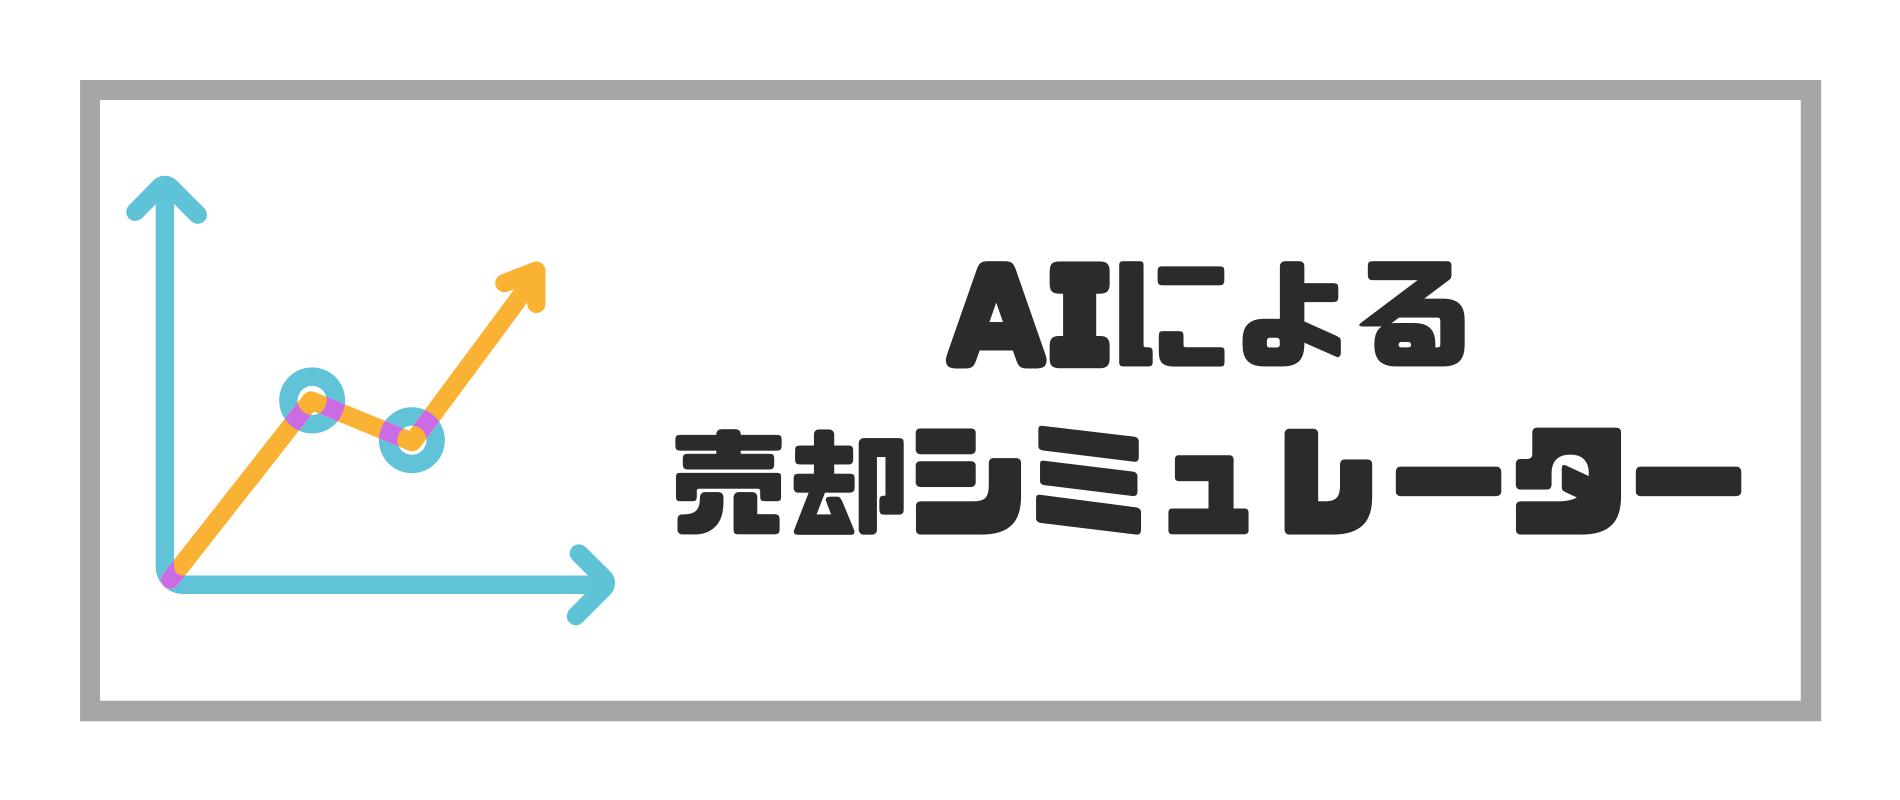 おうちダイレクト_AIによるシミュレーター